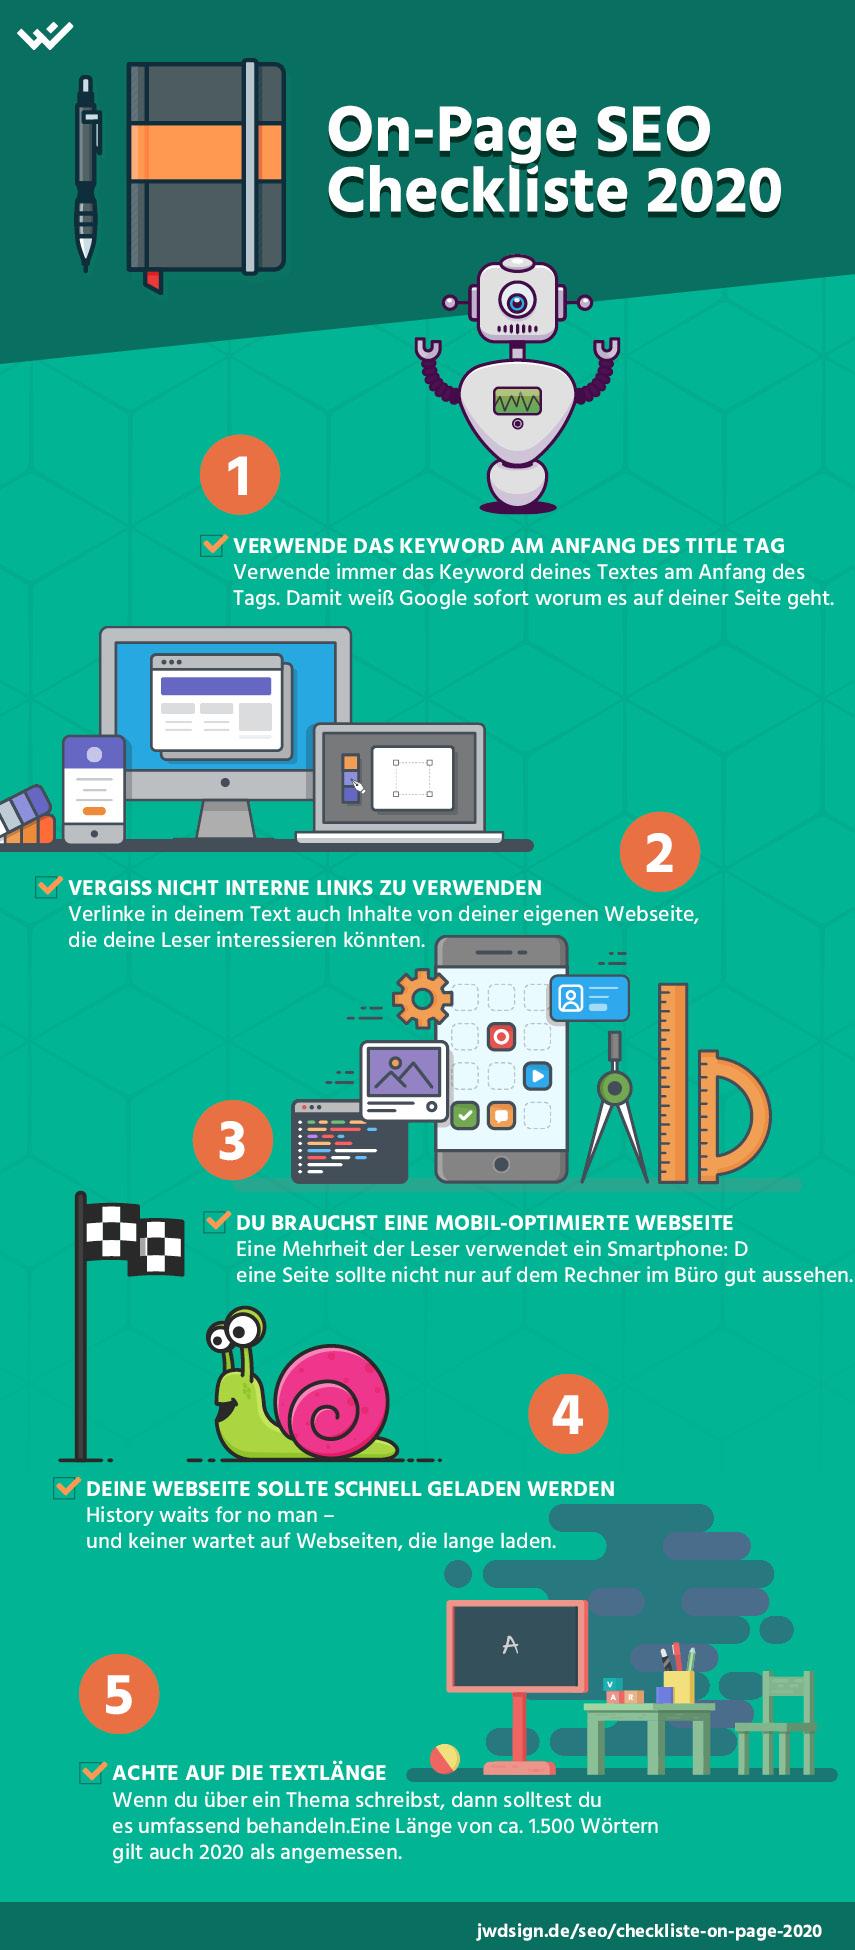 SEO Checkliste: Die Top-5 der Onpage Rankingfaktoren als praktische Infografik.